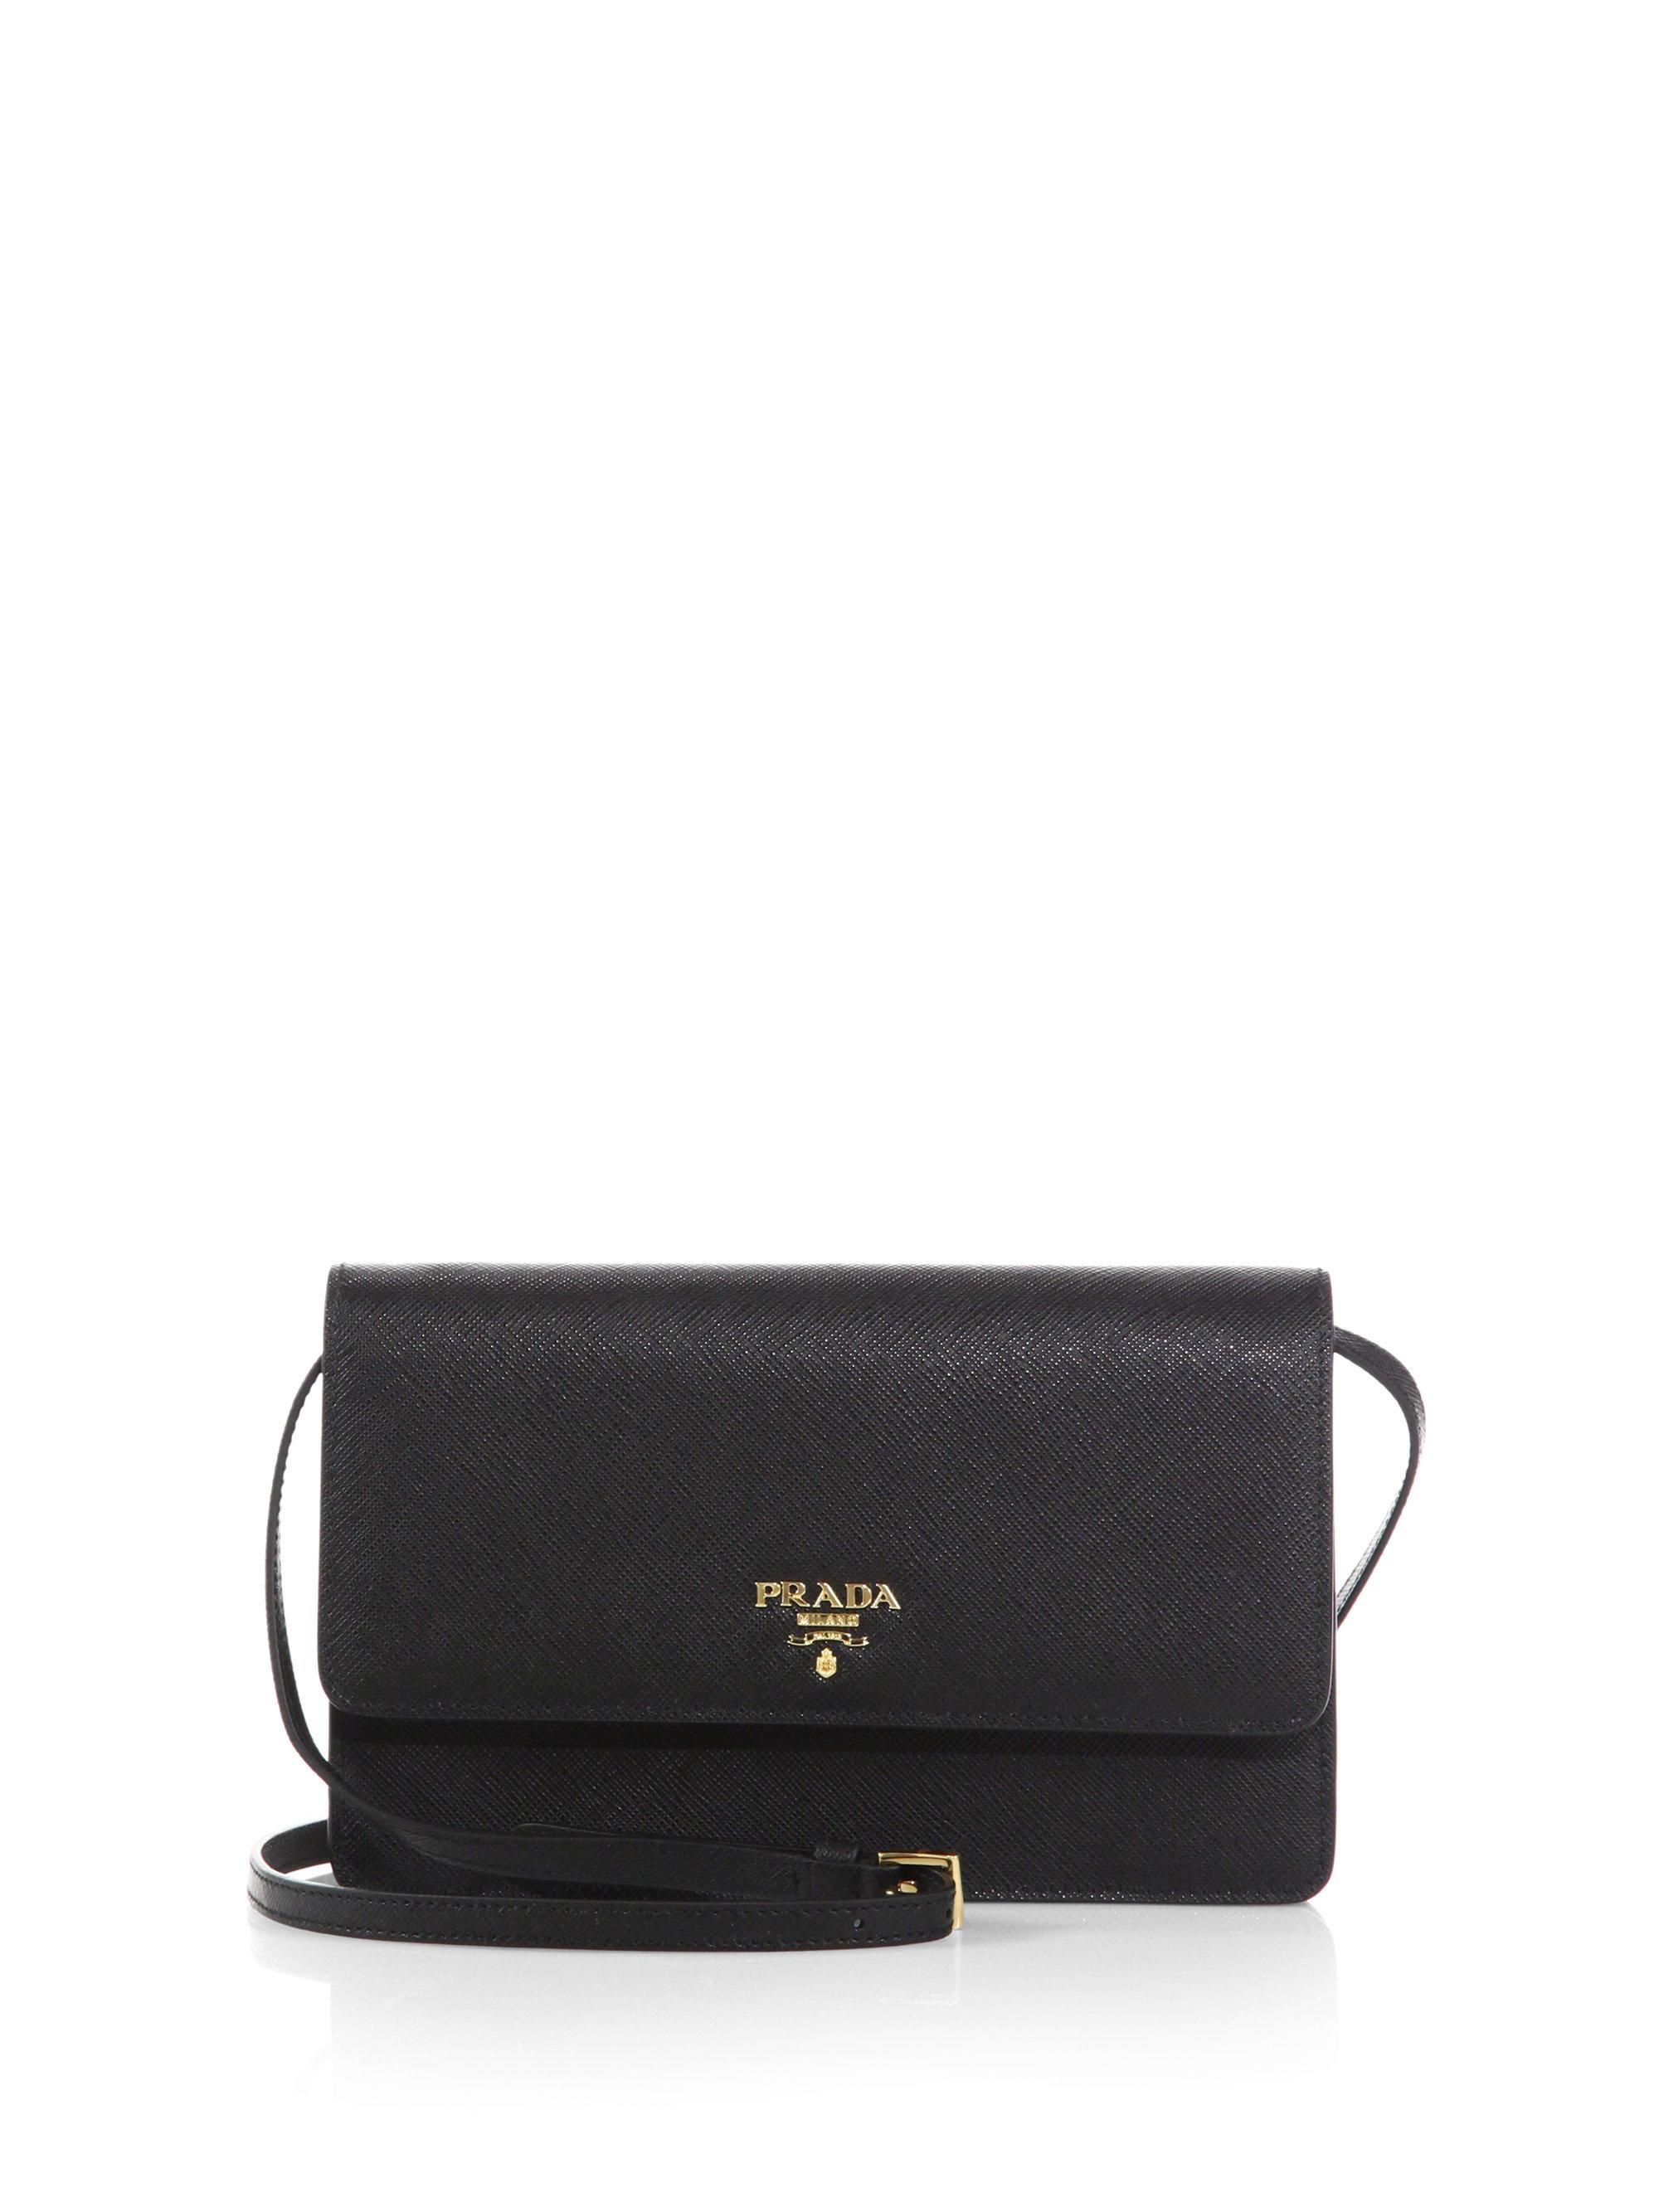 c3cd666d37bd8 Lyst - Prada Saffiano Lux Crossbody Bag in Black